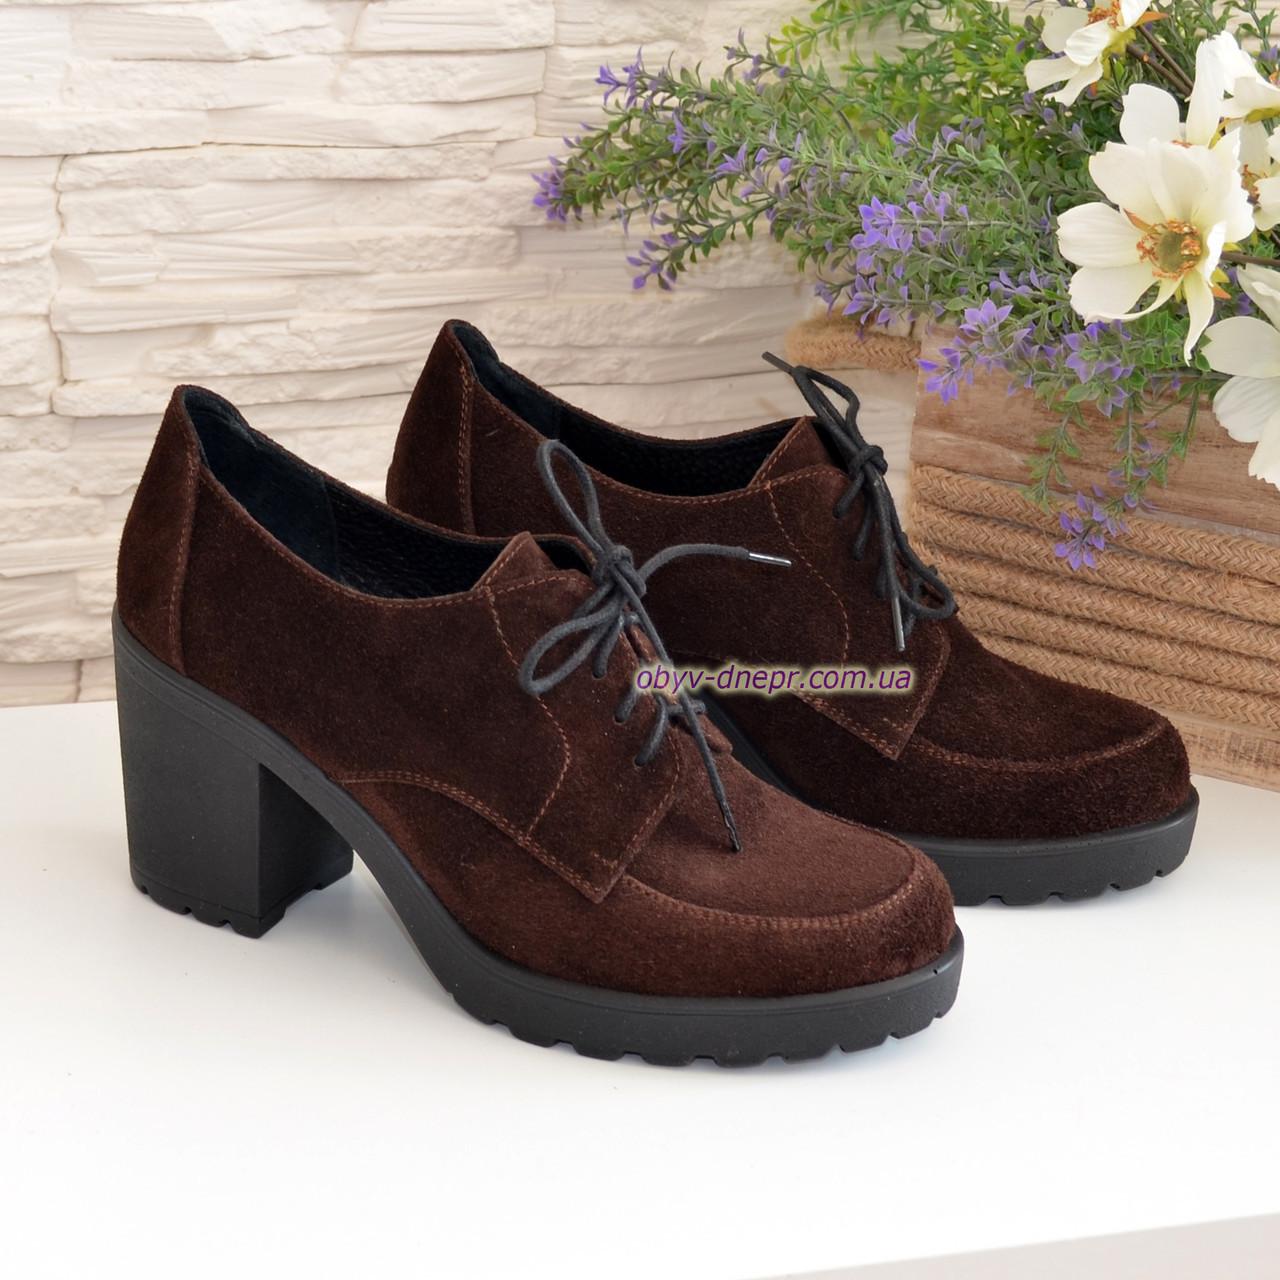 b94e70f2e Купить Туфли замшевые женские на устойчивом каблуке, цвет коричневый ...